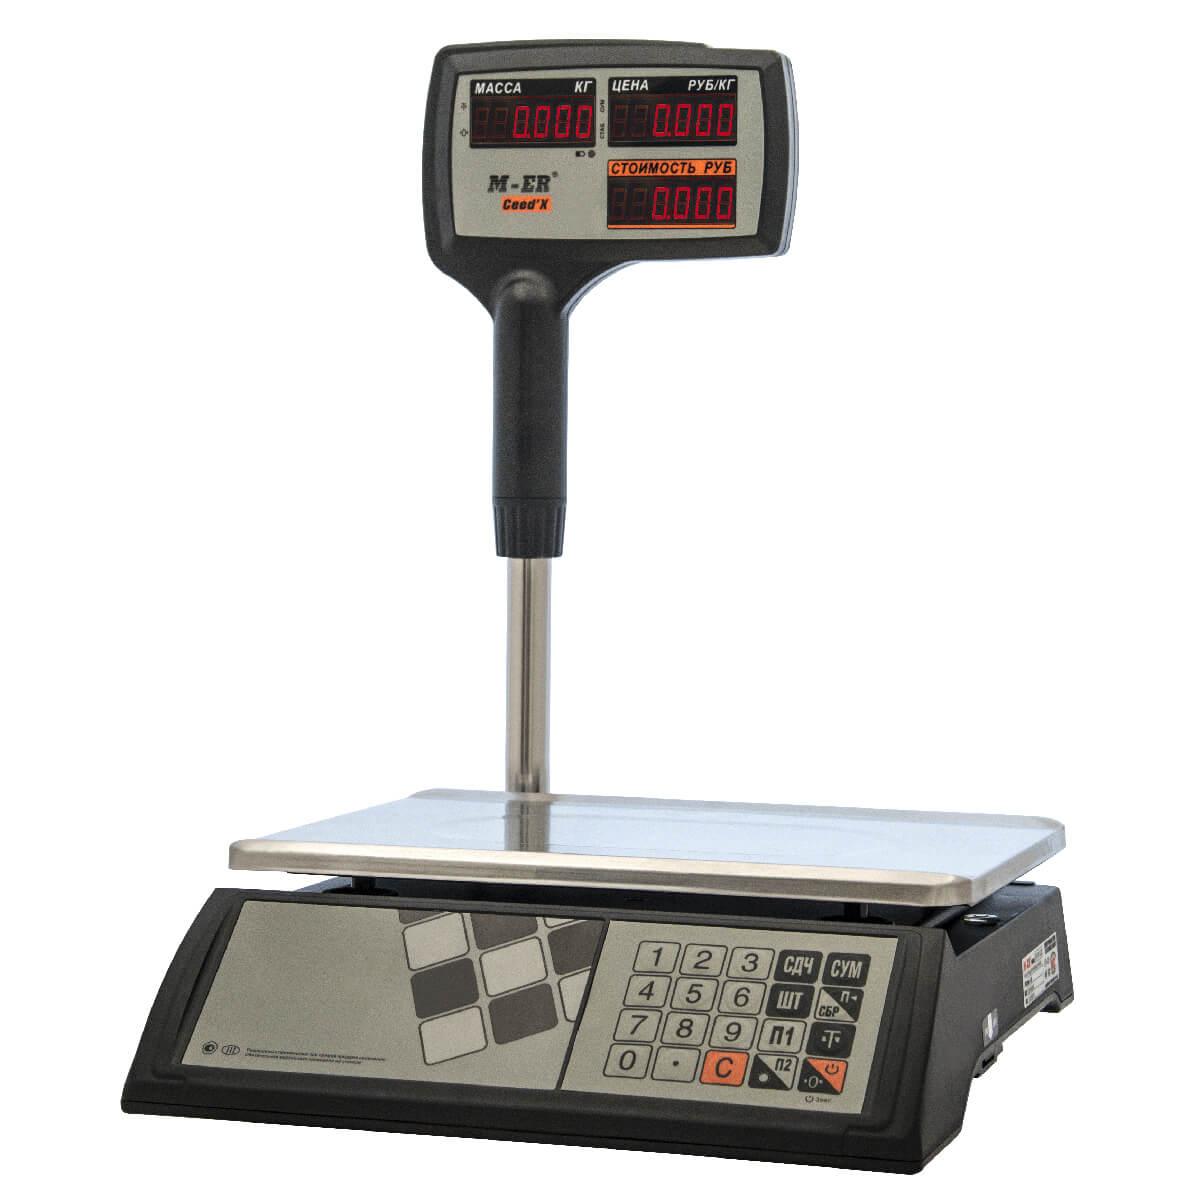 Торговые настольные весы M-ER 327 ACPX-32.5 «Ceed'X» LED Черные